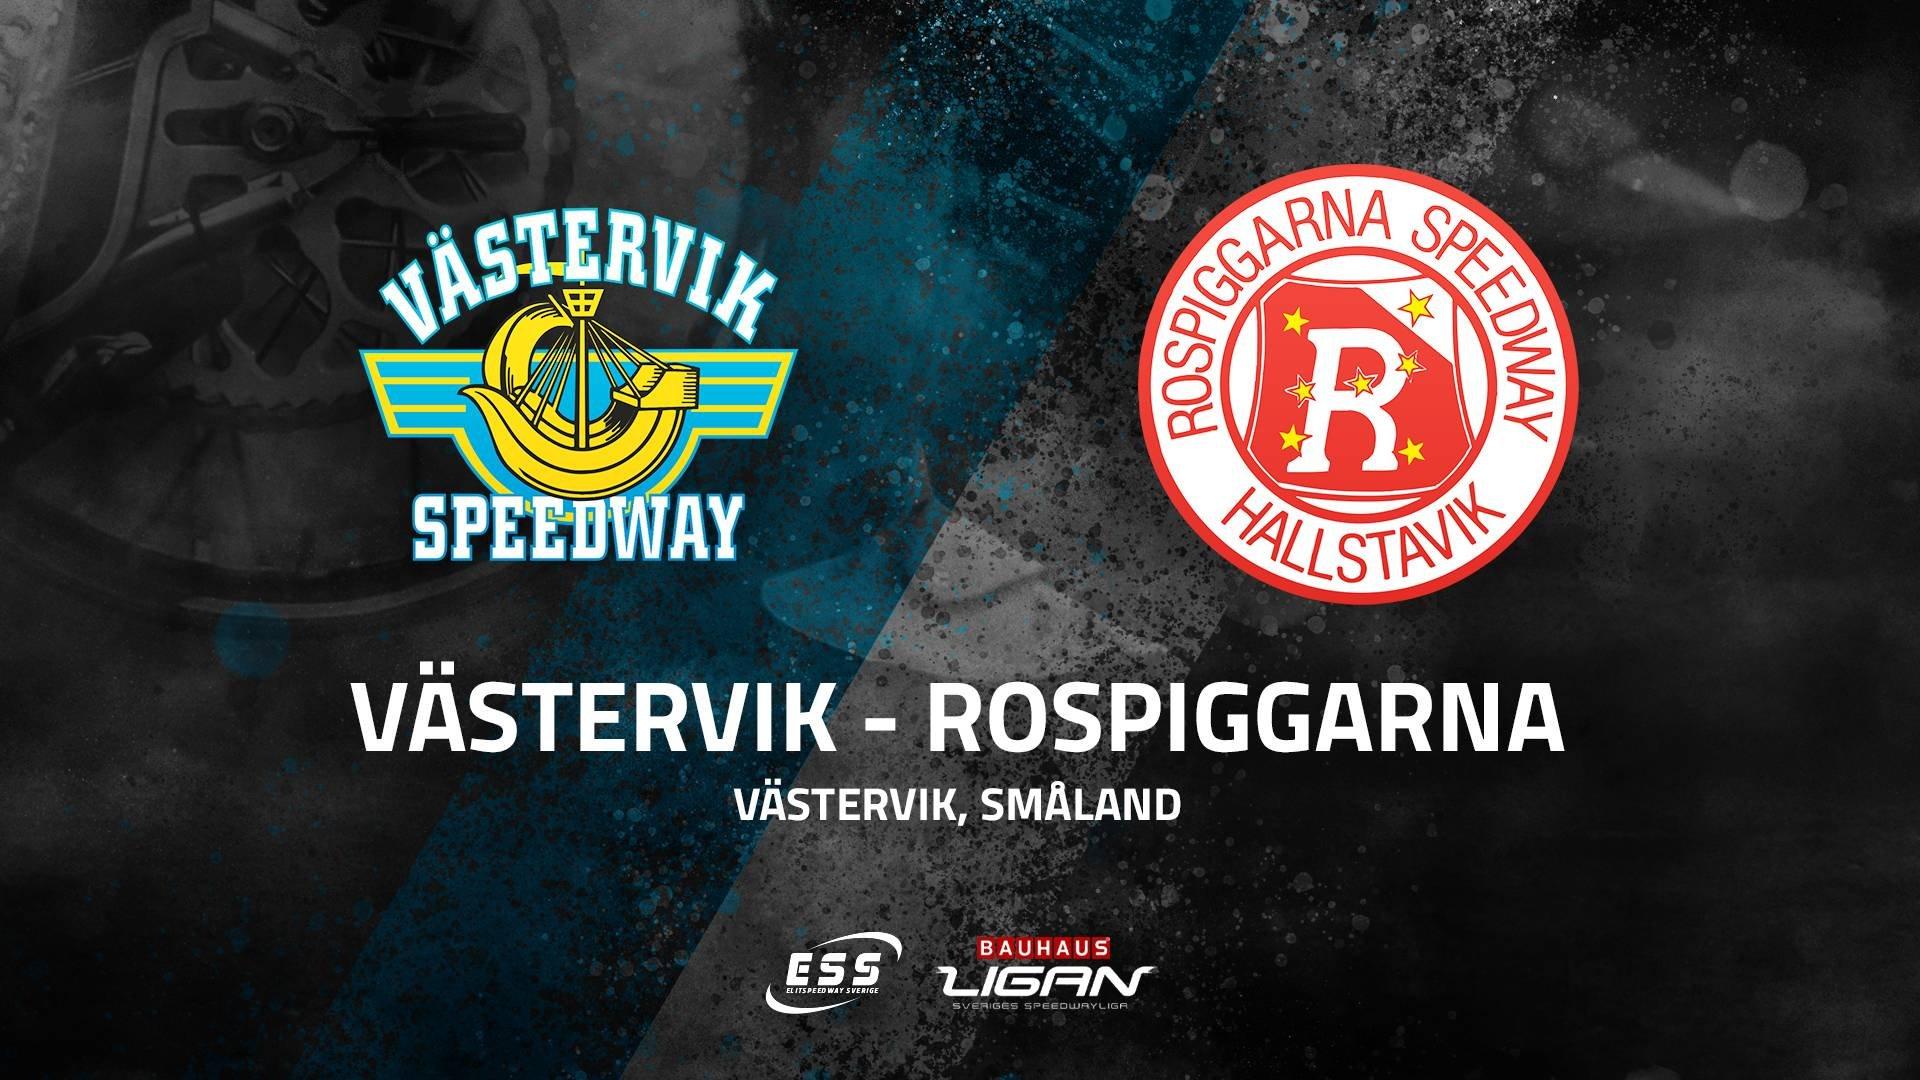 Västervik - Rospiggarna